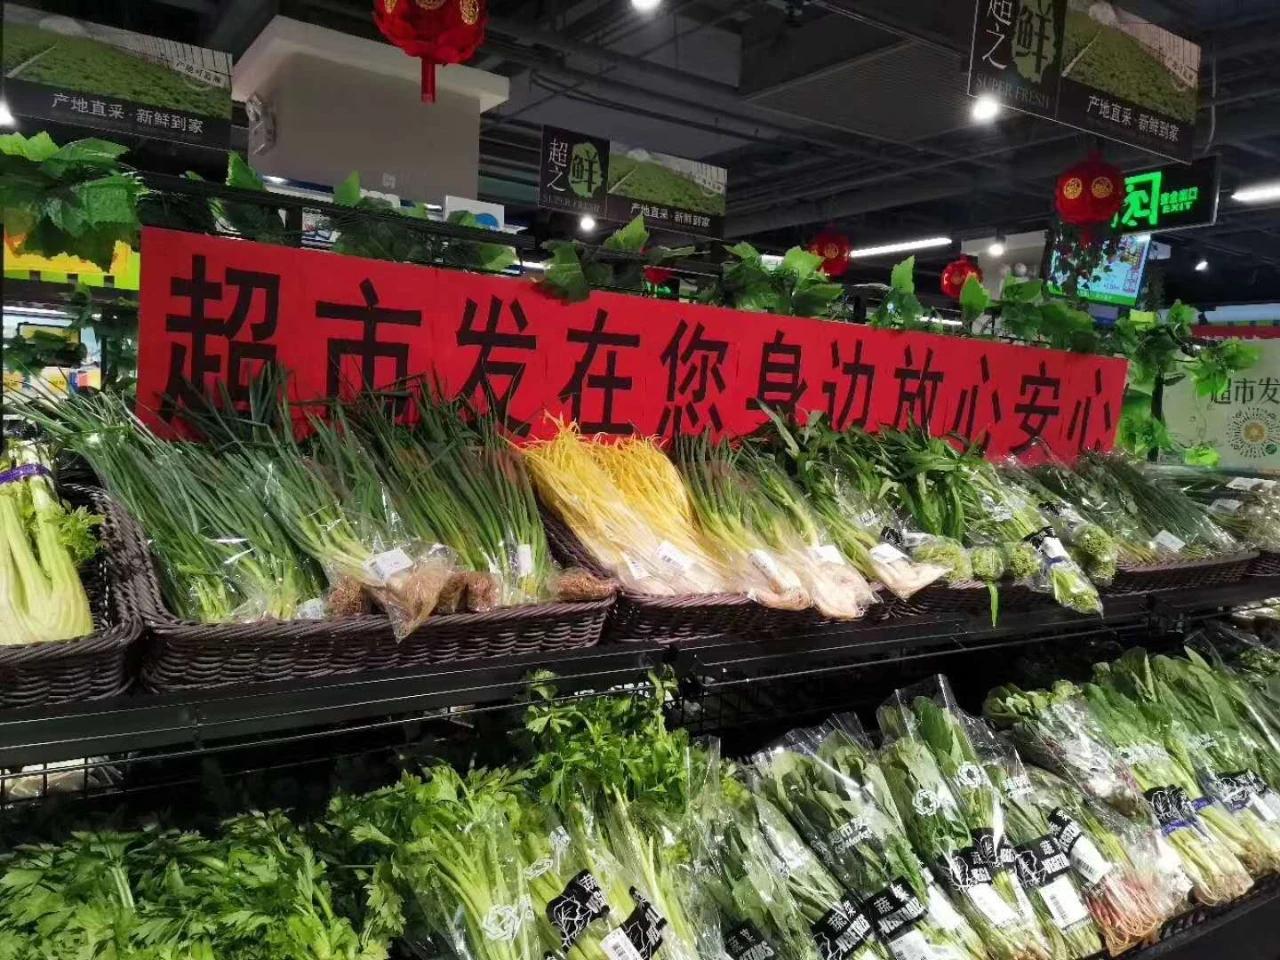 北京超市发:全面做好紧急调货准备 保证供应不涨价图片